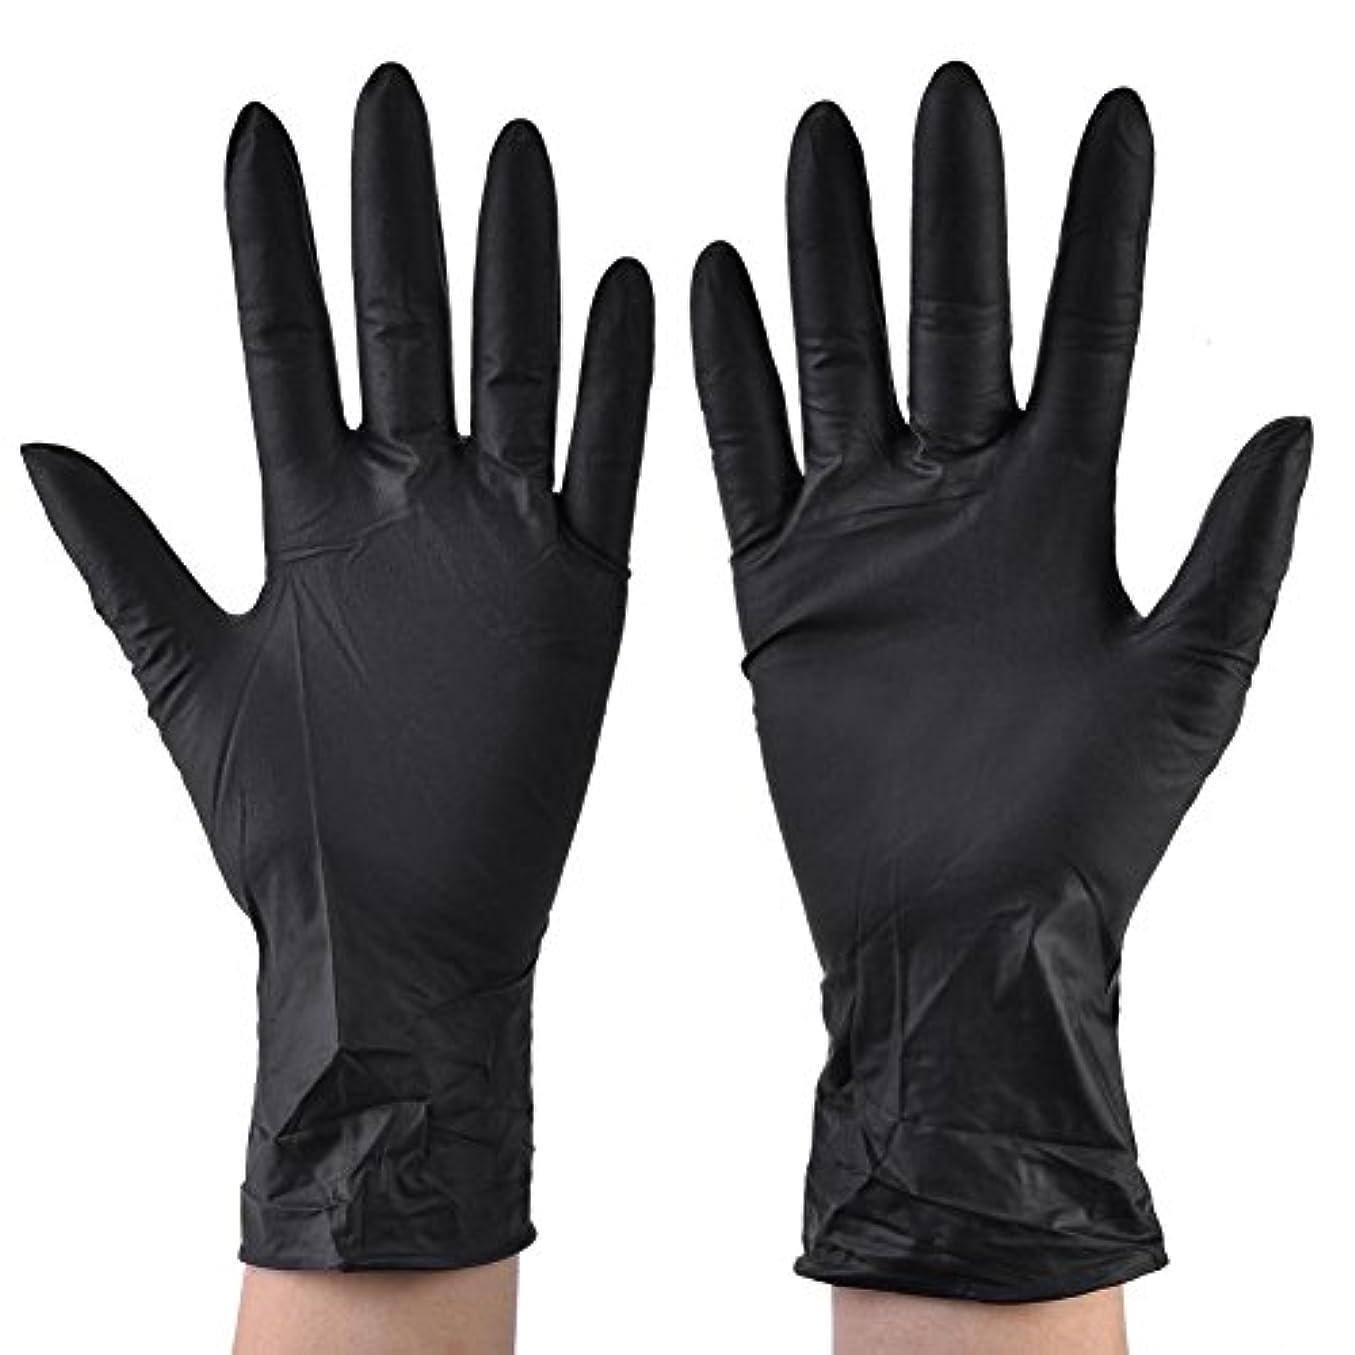 顧問ドメイン地下室100pcs使い捨てニトリル手袋医療グレードラテックスフリーパウダーフリーブラックラージミディアムスモールインダストリアル、医療、美容、健康(M)